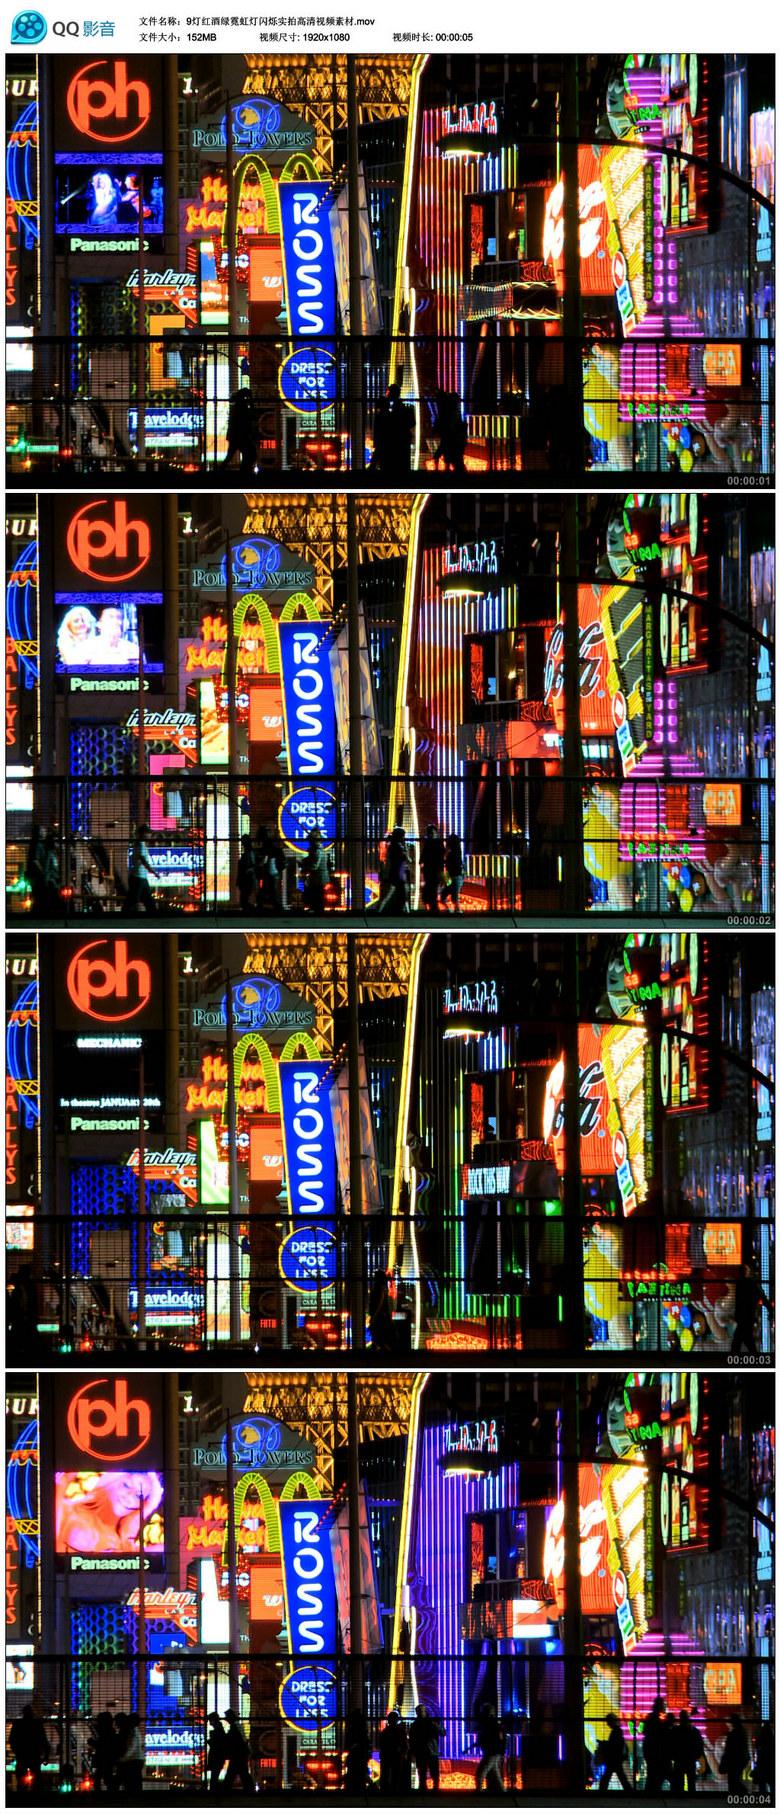 城市夜晚街头灯红酒绿霓虹灯闪烁视频素材图片